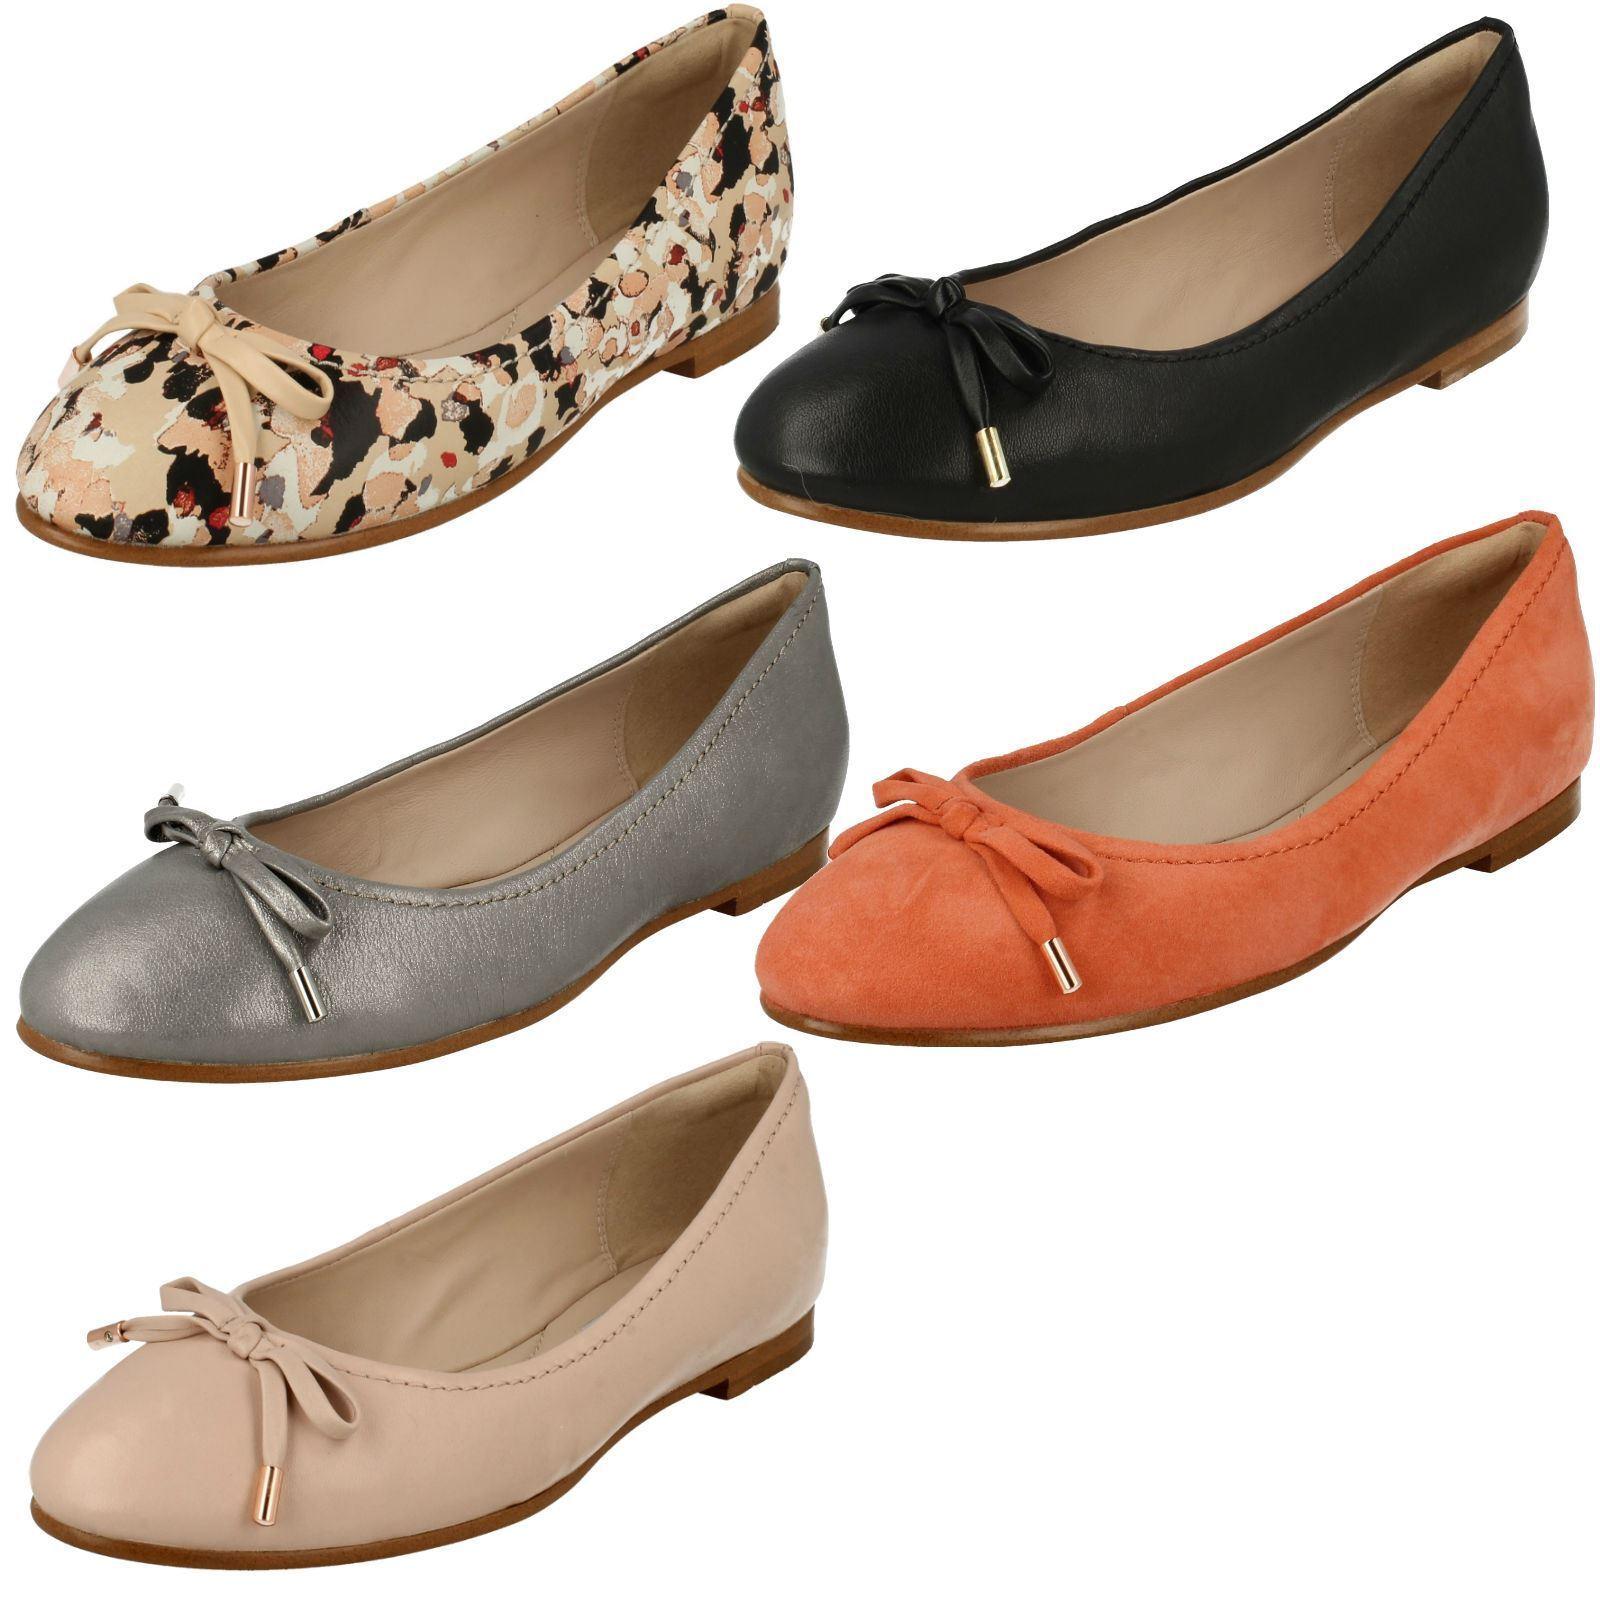 Cómodo y bien parecido Descuento por tiempo limitado Ladies Clarks Dolly Shoes Grace Lily